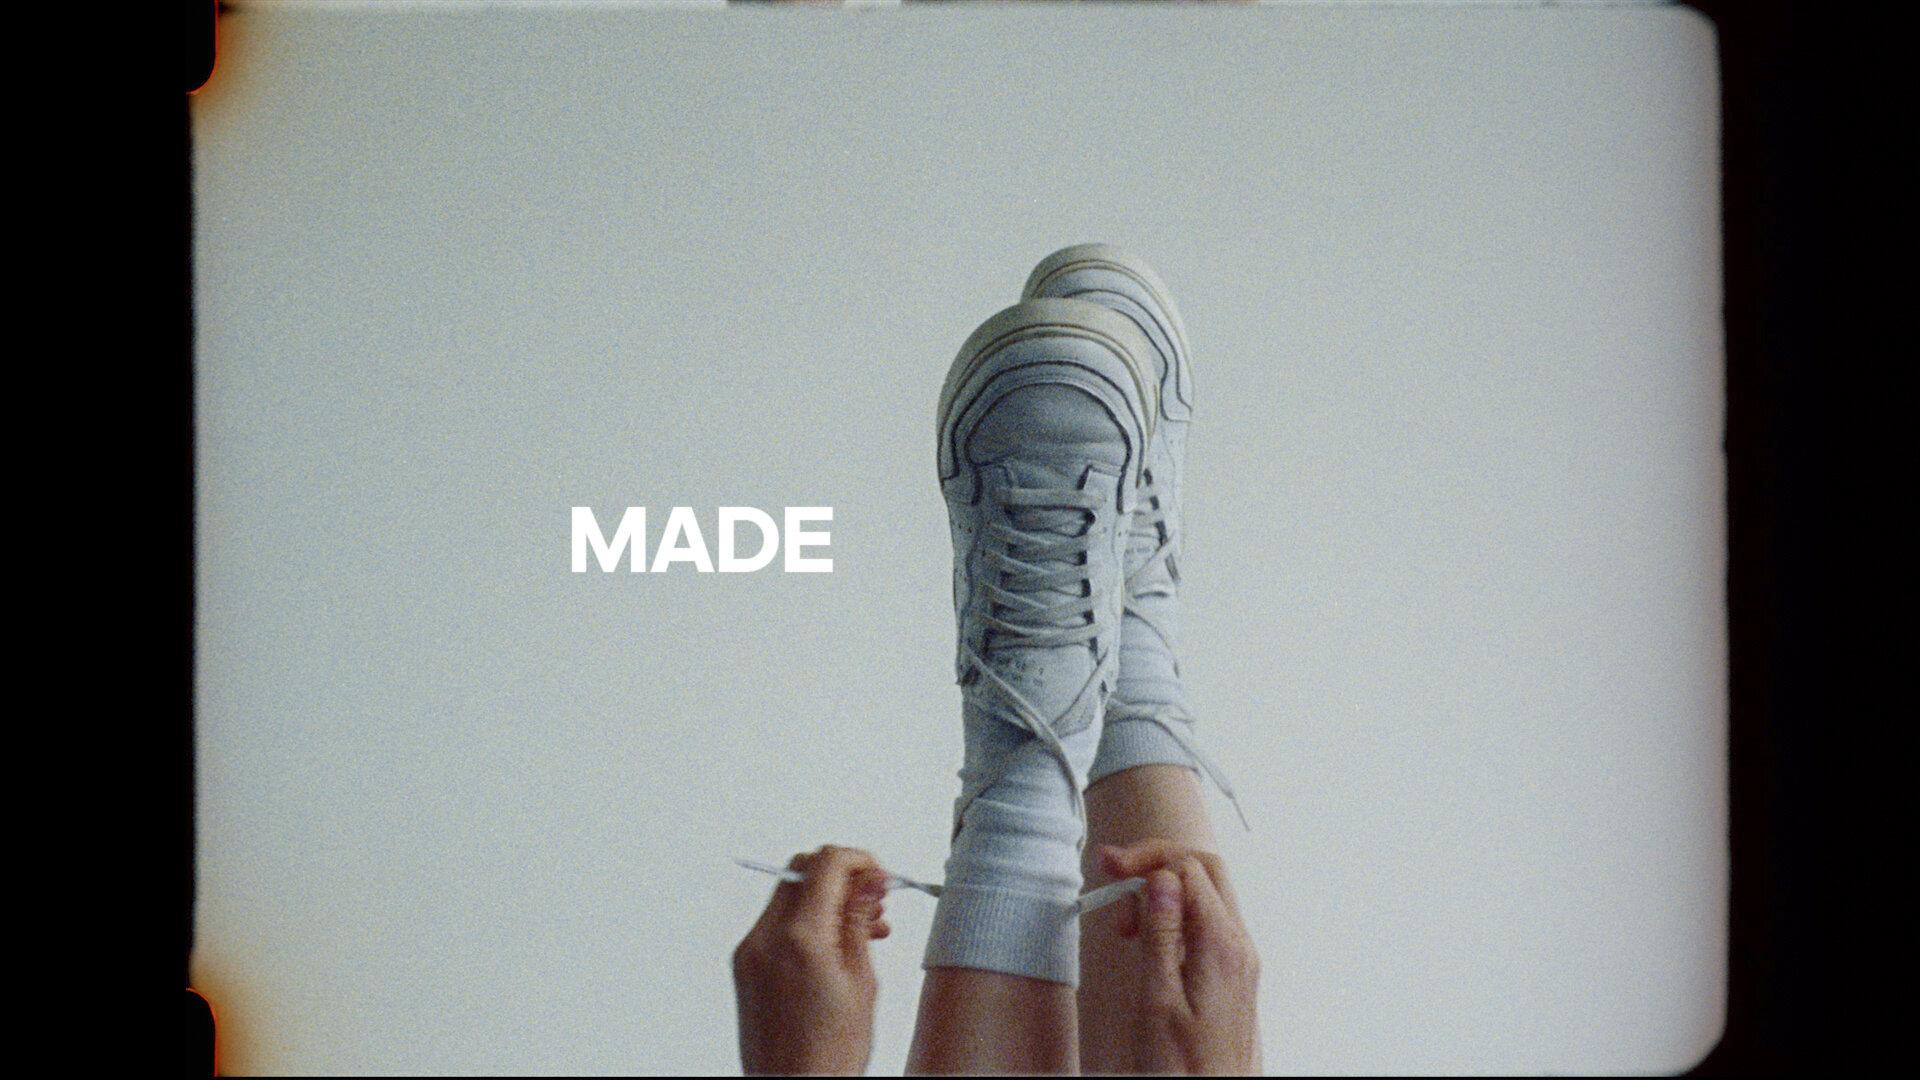 Adidas_Supercourt_Master.00_00_00_16.Still002.JPG